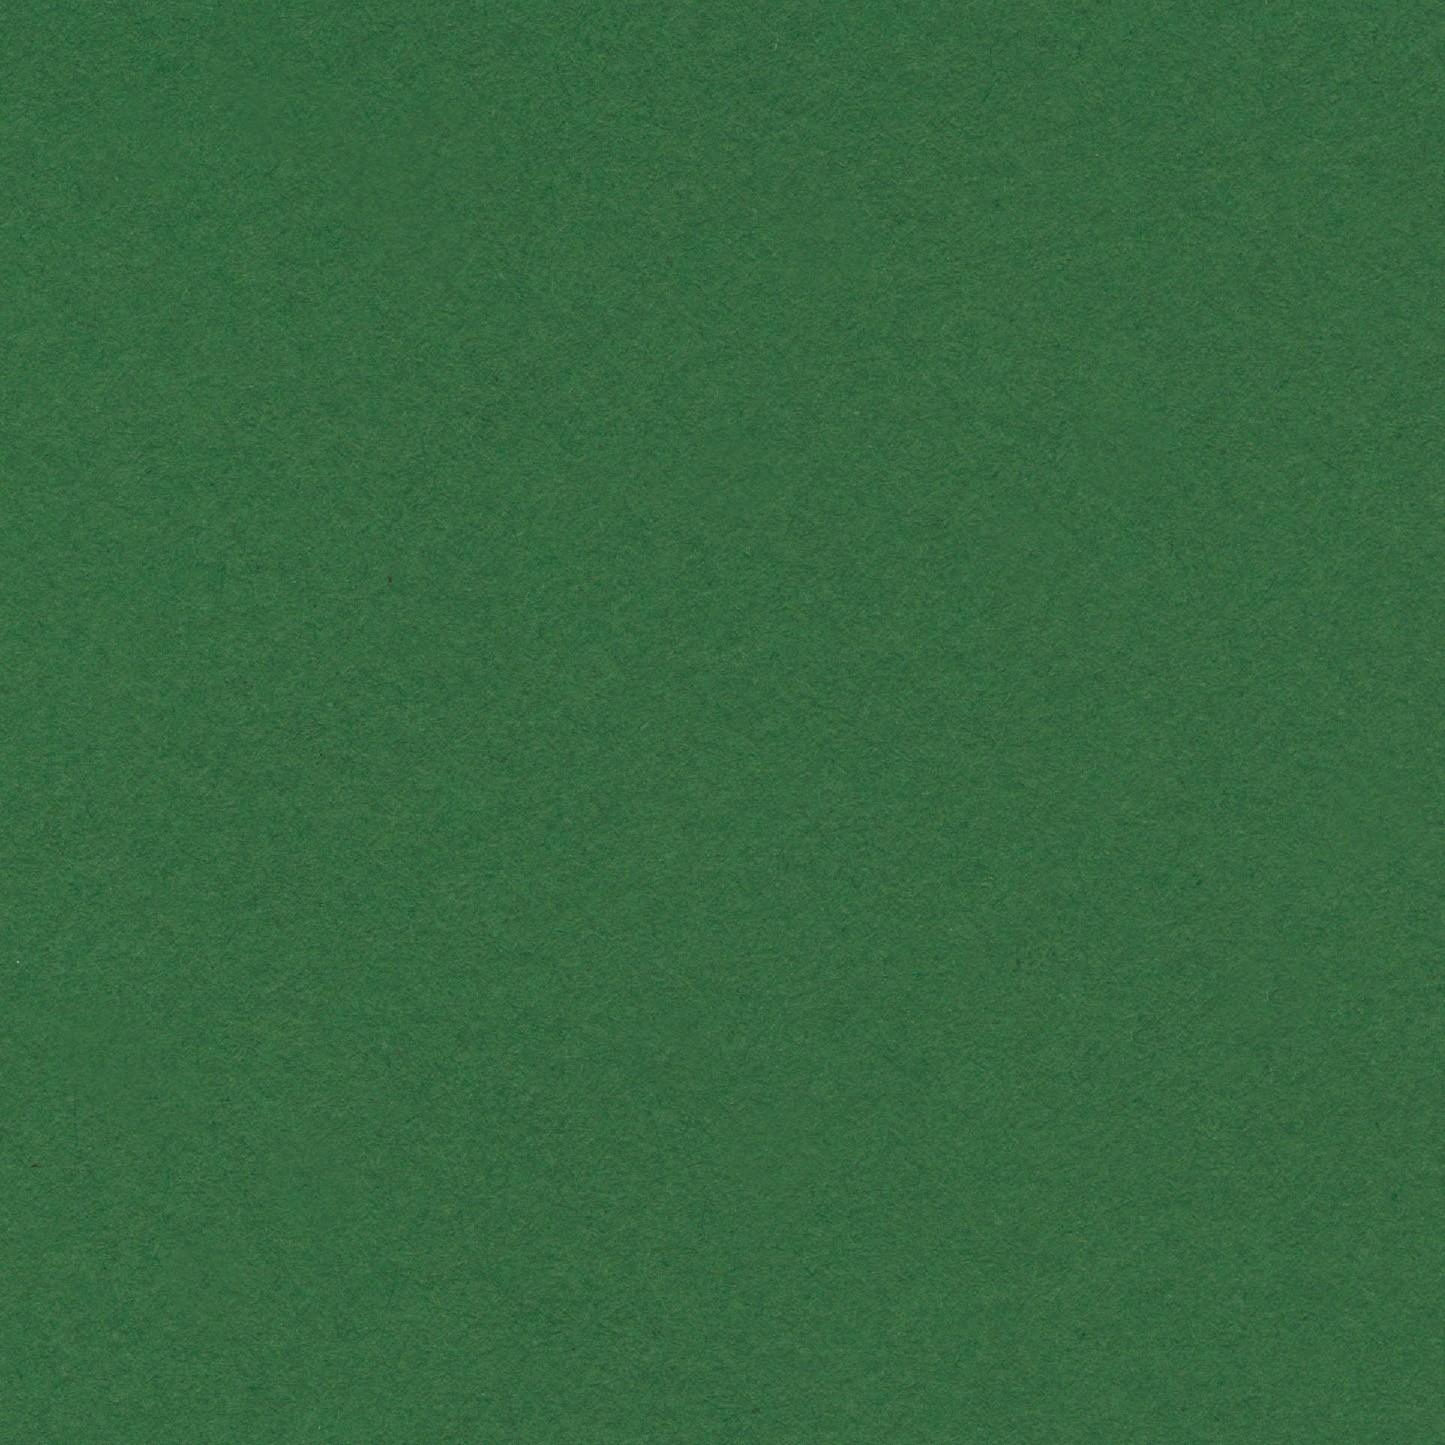 Green - Evergreen 135gsm